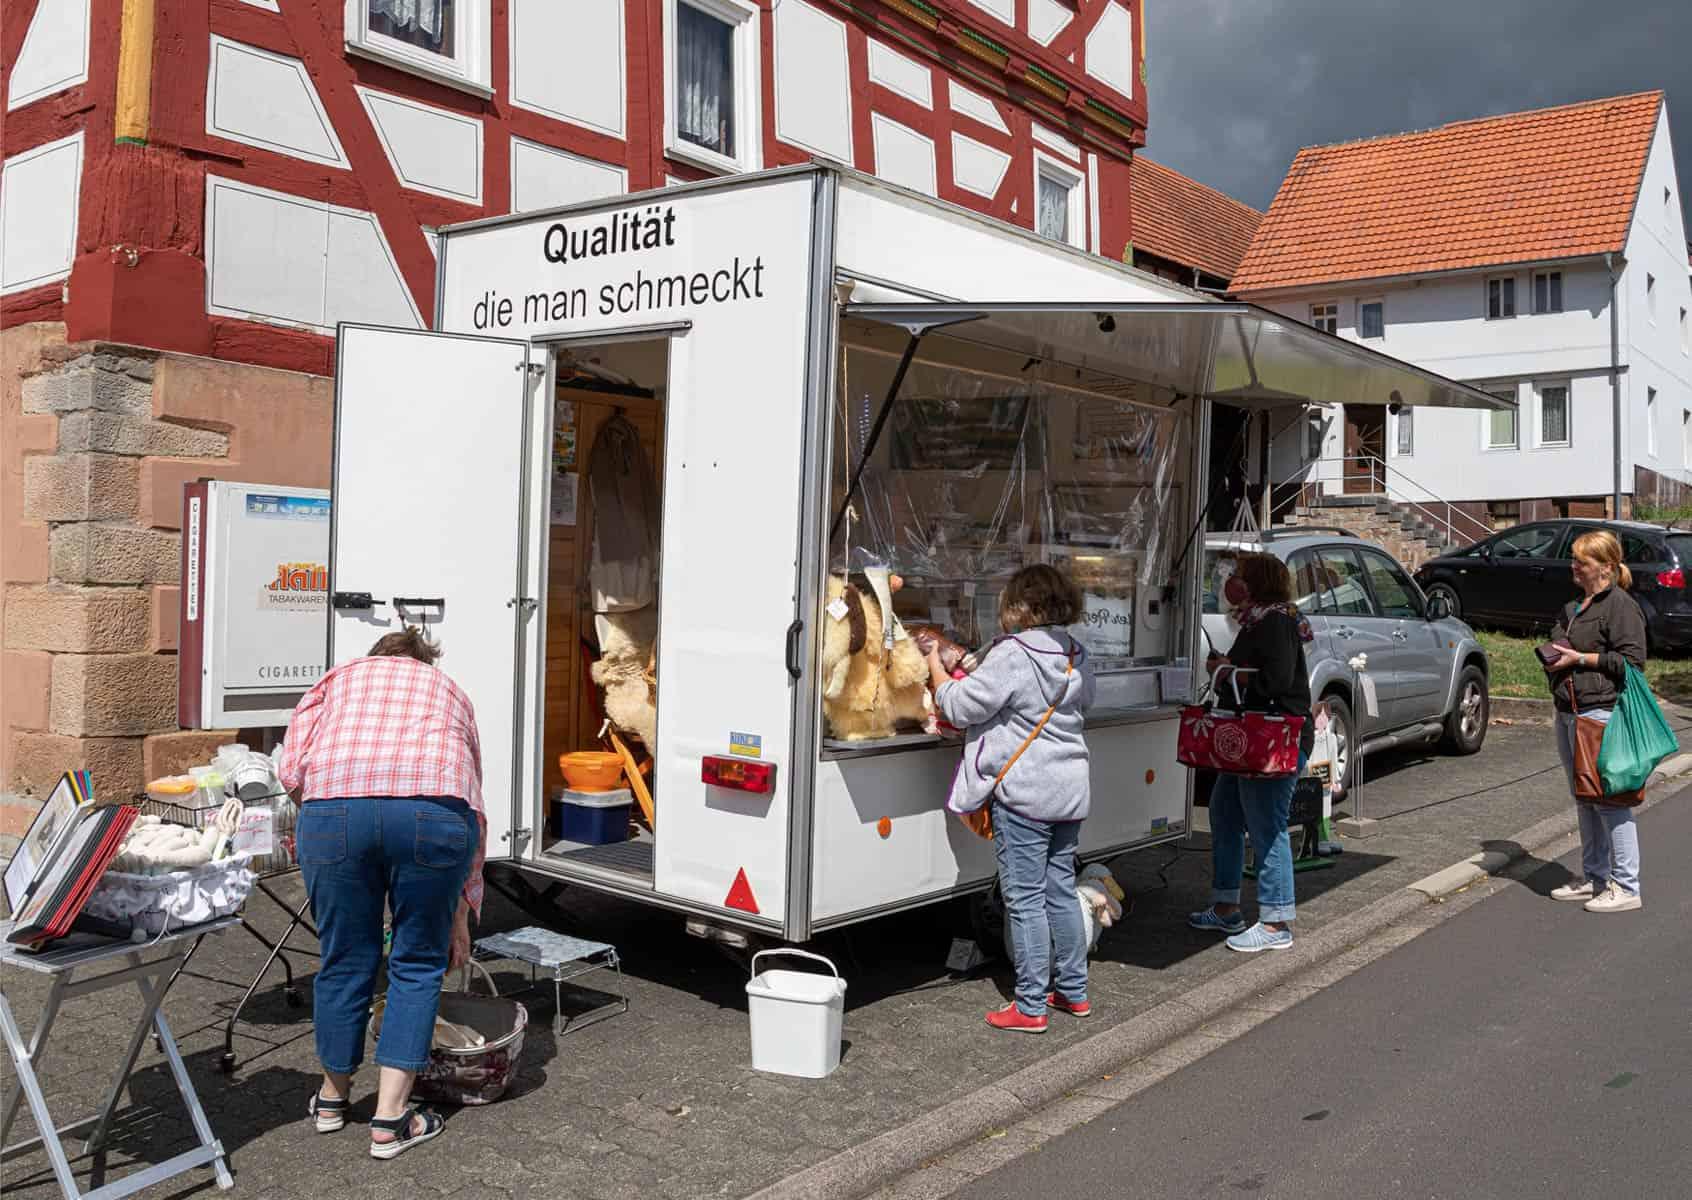 Verkaufswagen auf dem Markt in Kirtorf